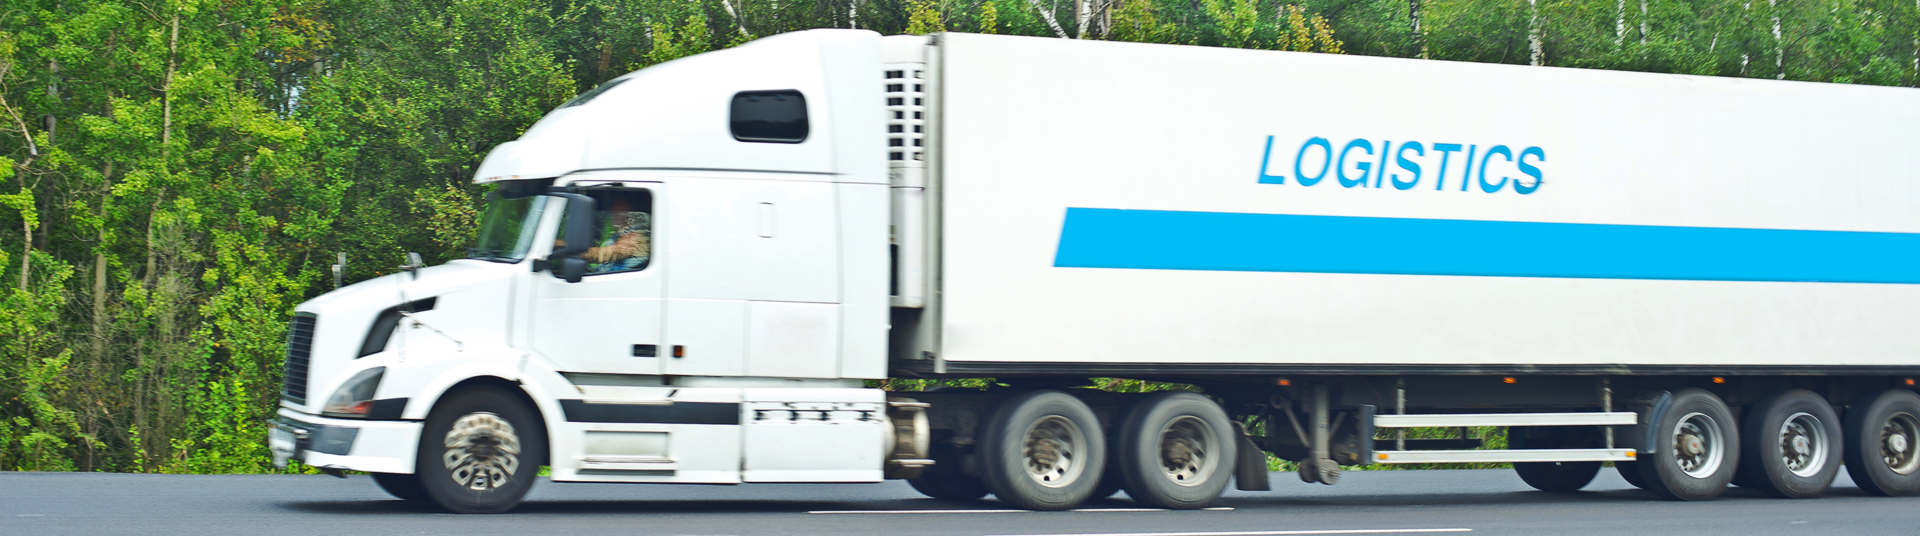 Logistics Truck